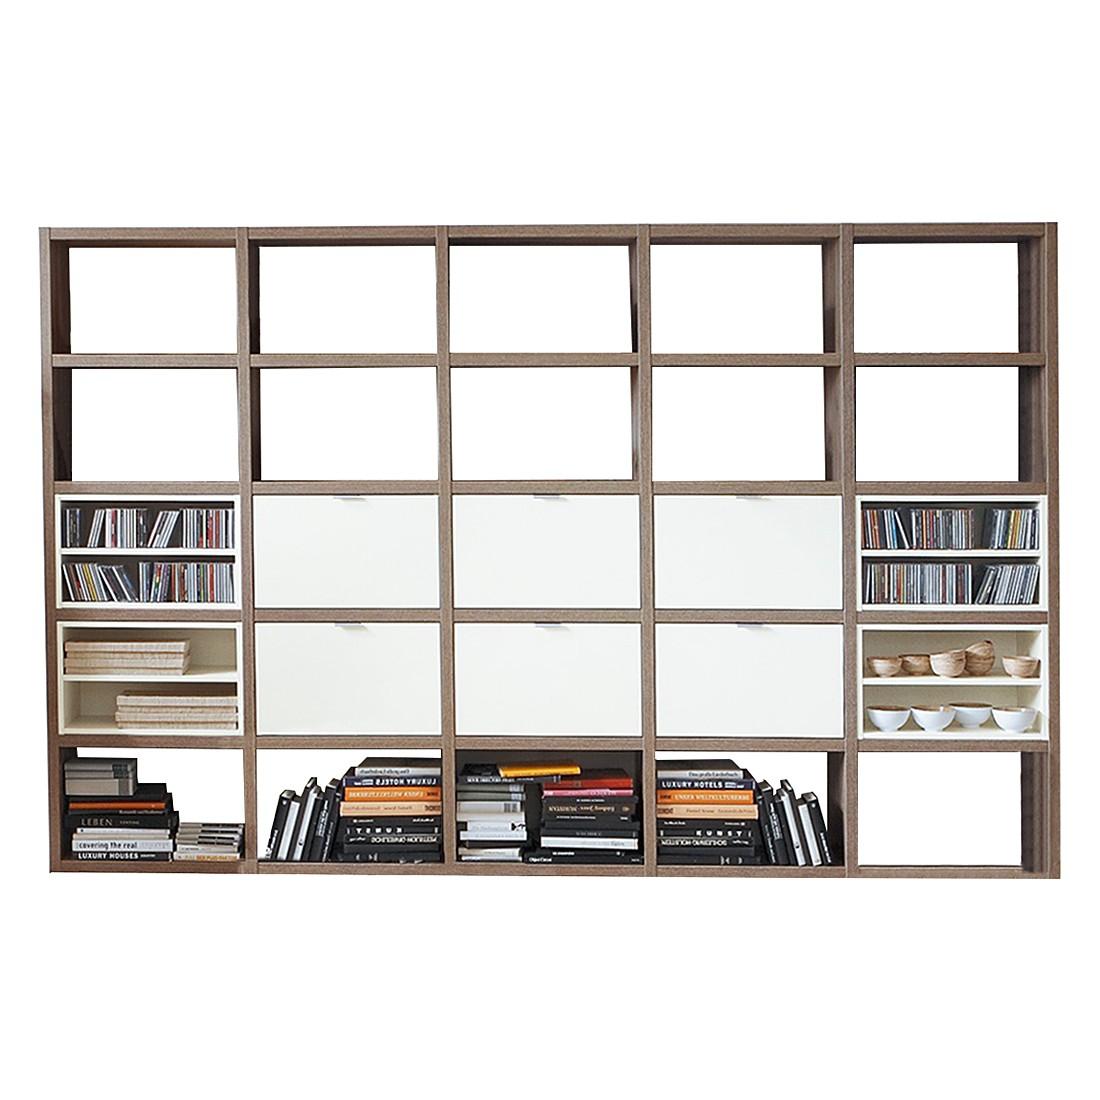 Bücherregal Cospaia I - Eiche Dekor/Weiß